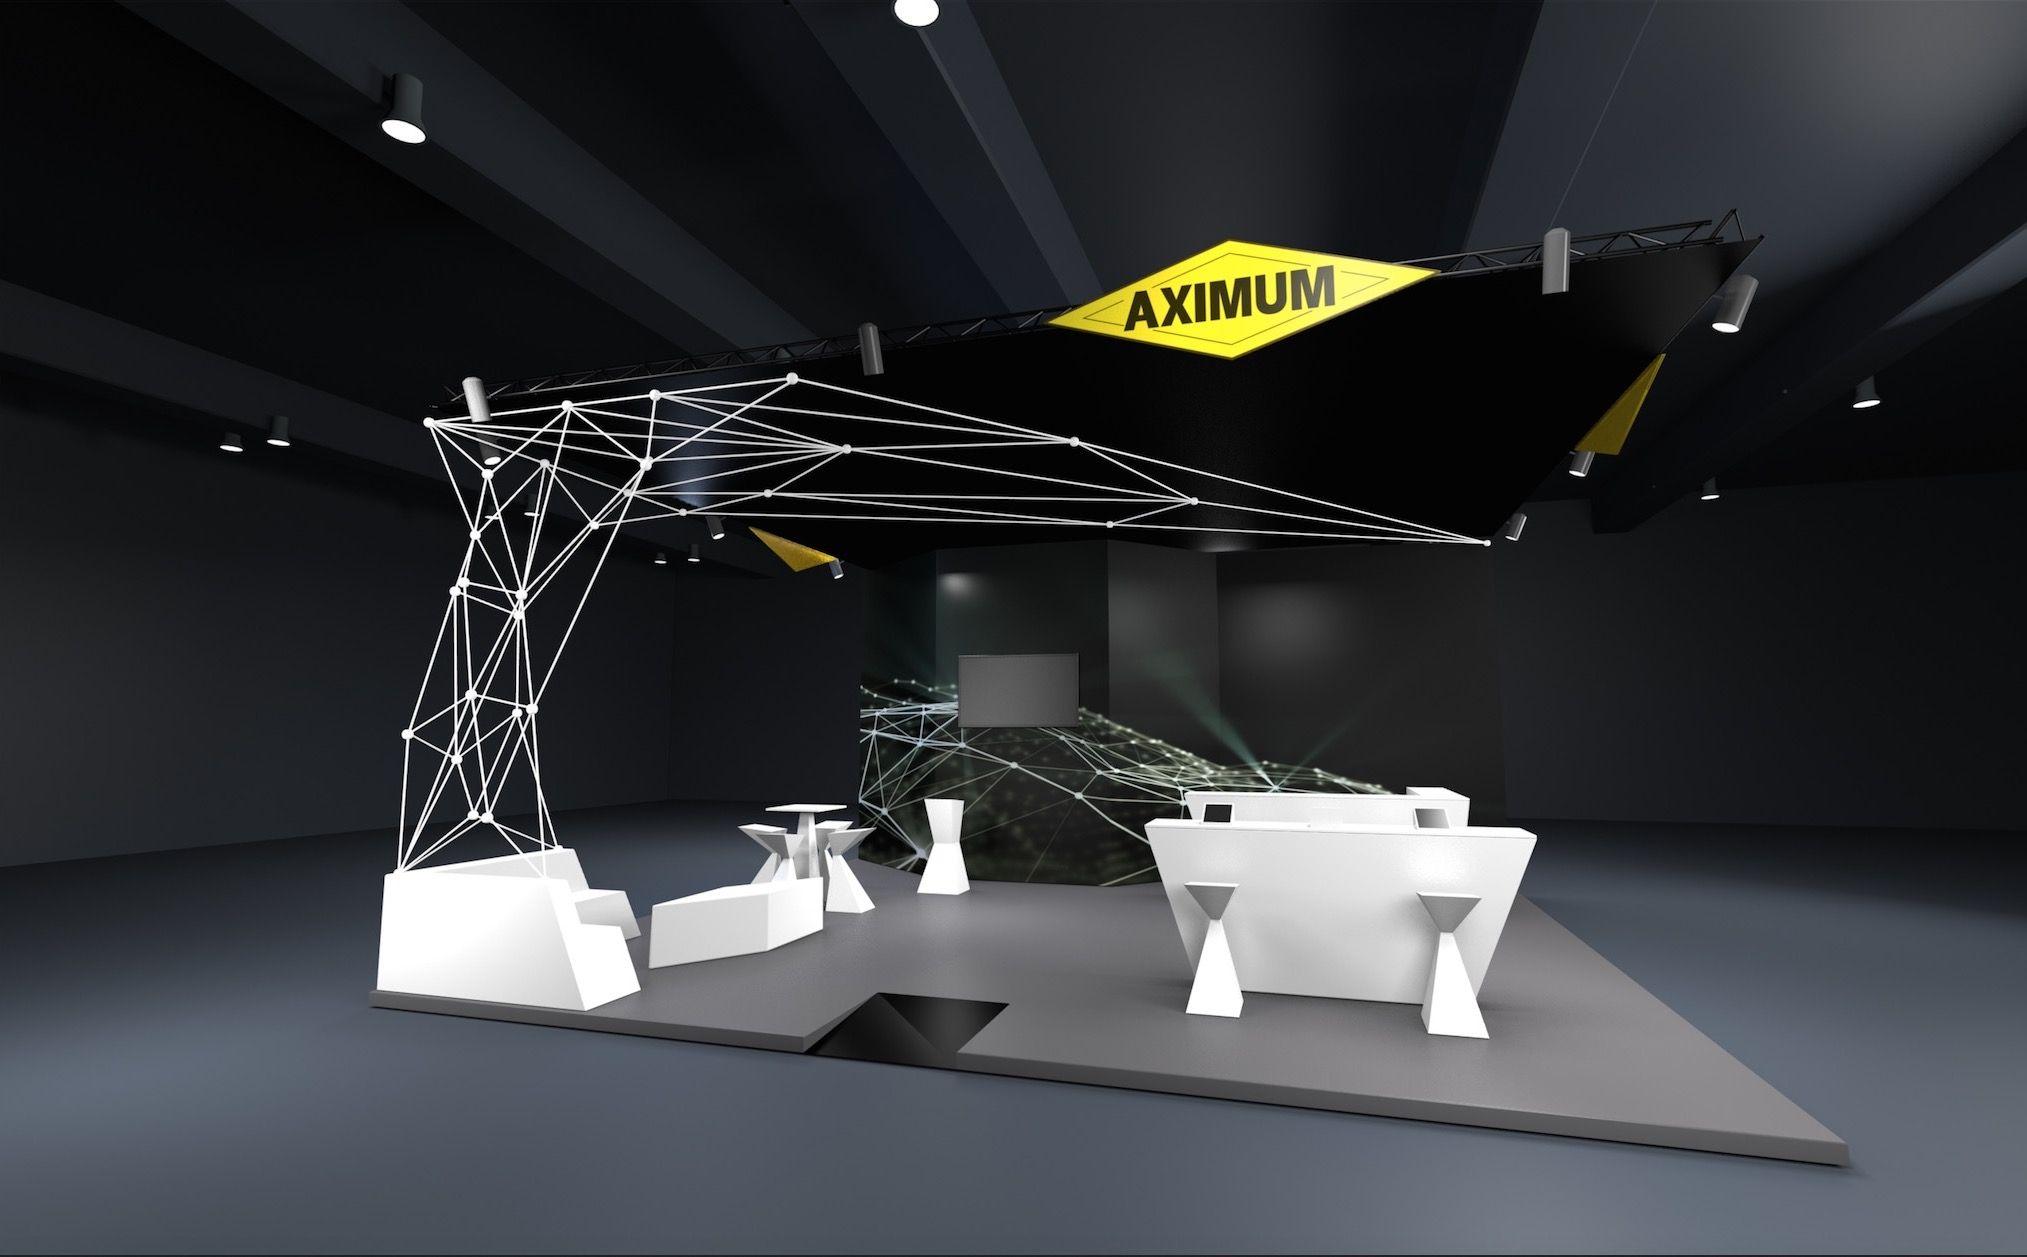 Livre Architecture D Intérieur stand aximum architectural aménagement 3d création benoit